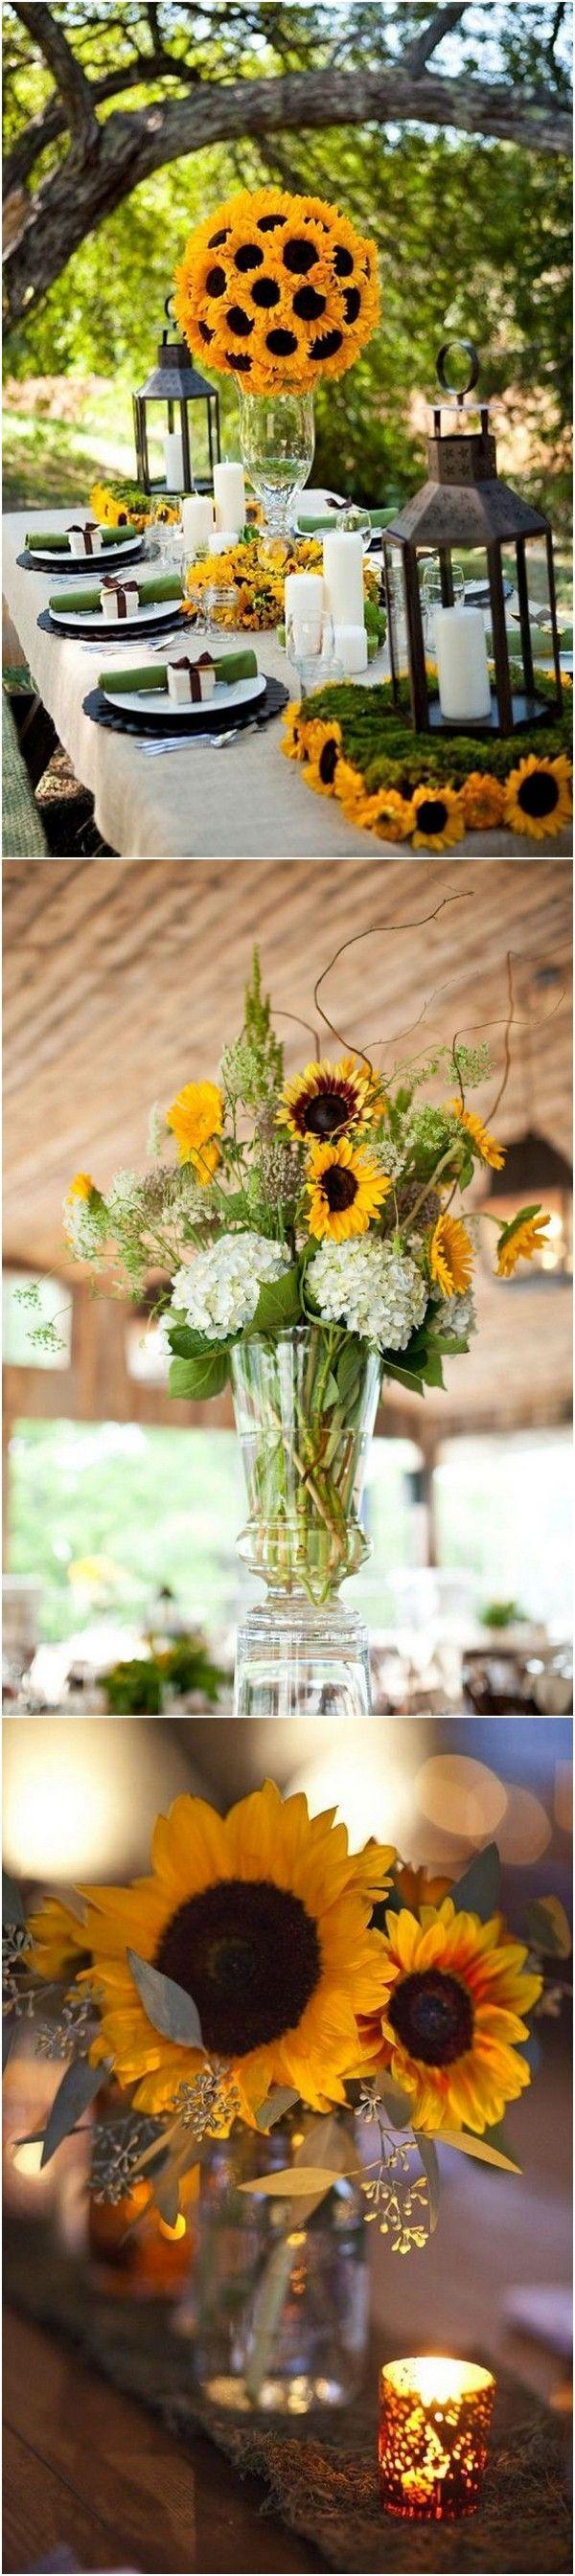 18 Cheerful Sunflower Wedding Centerpiece Ideas 2809562 Weddbook